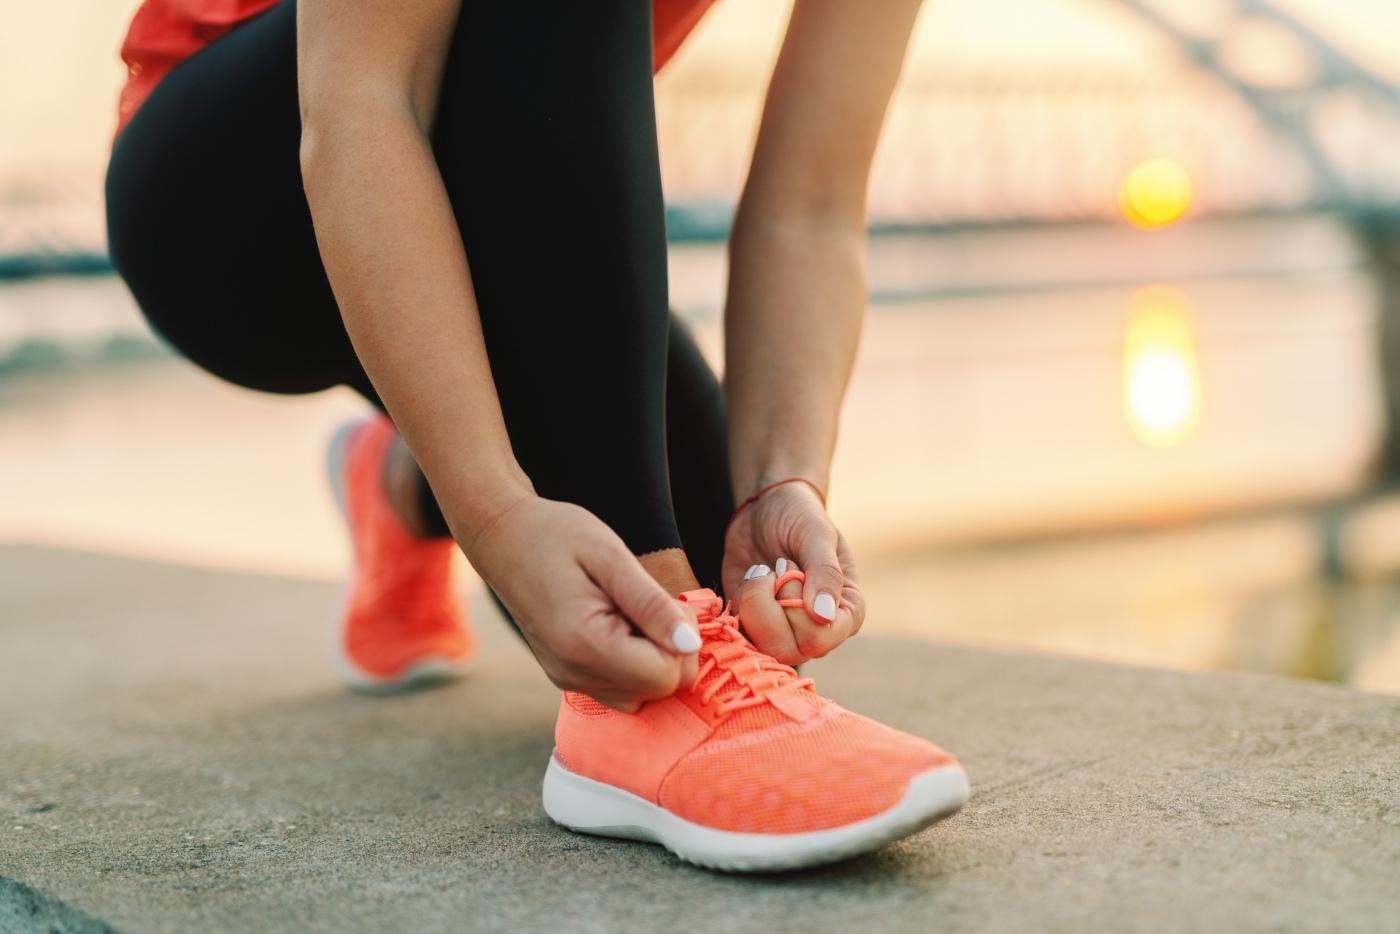 resoluções de ano novo: praticar mais desporto